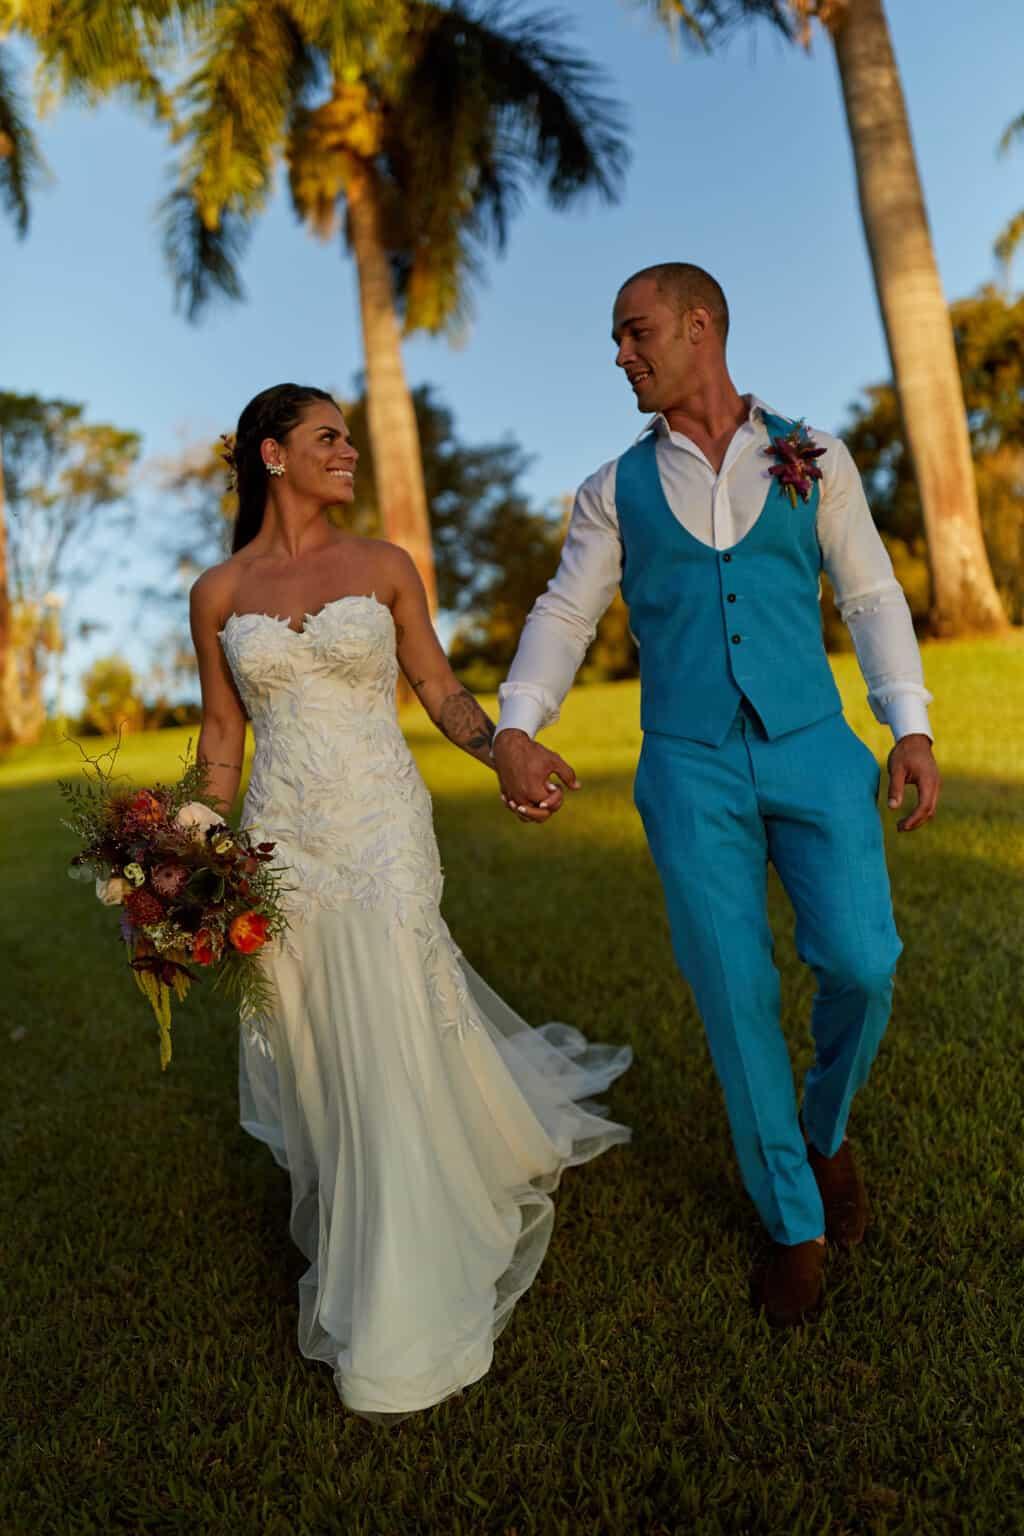 casamento-bruna-e-frederic-cerimonia-ao-ar-livre-cerimonial-camila-luz-decor-renata-paraiso-decoracao-boho-fotos-dos-noivos53-1